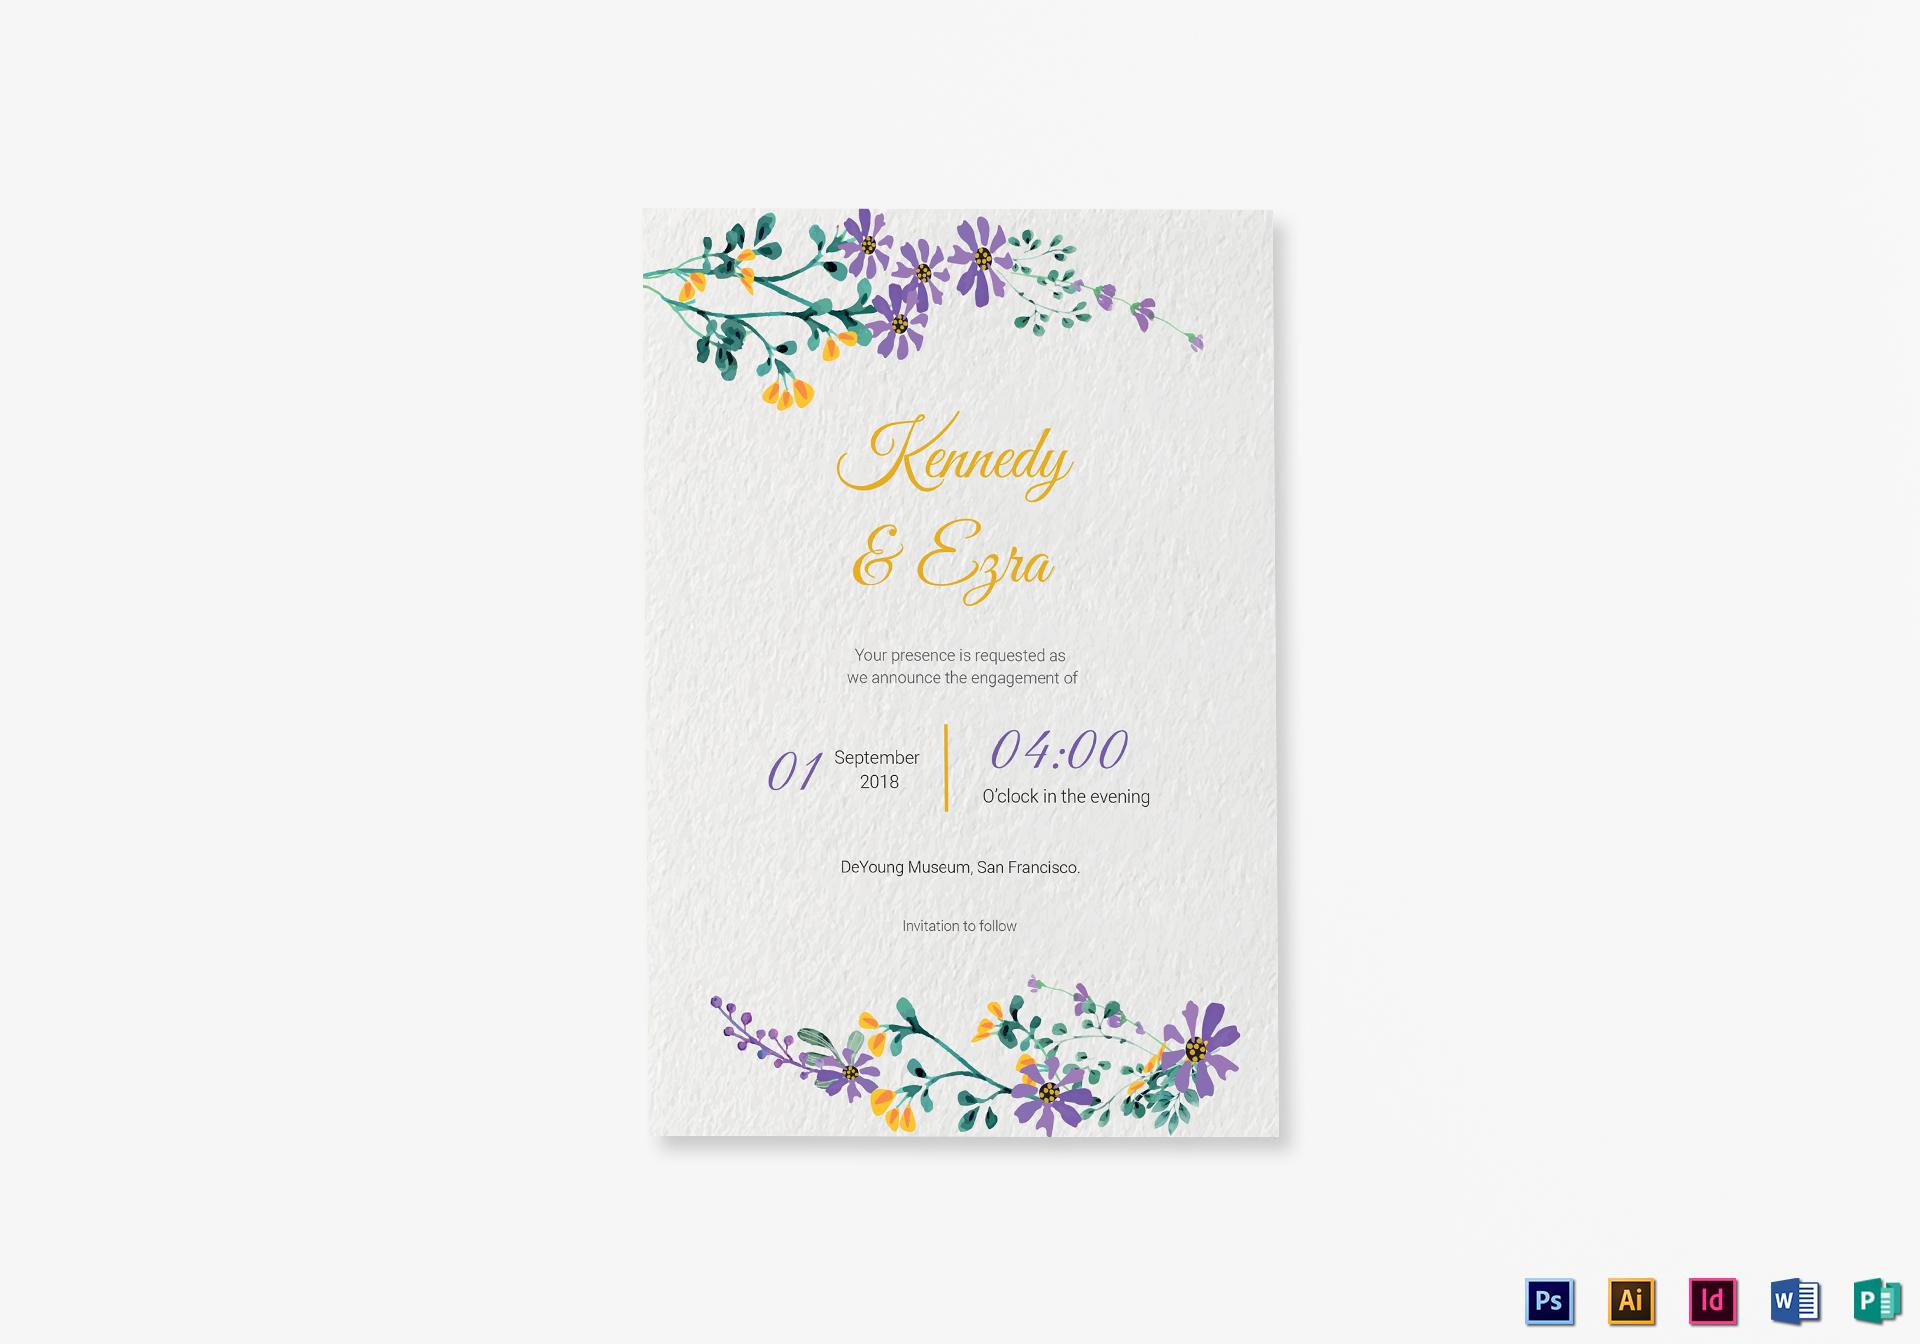 Garden Engagement Announcement Card